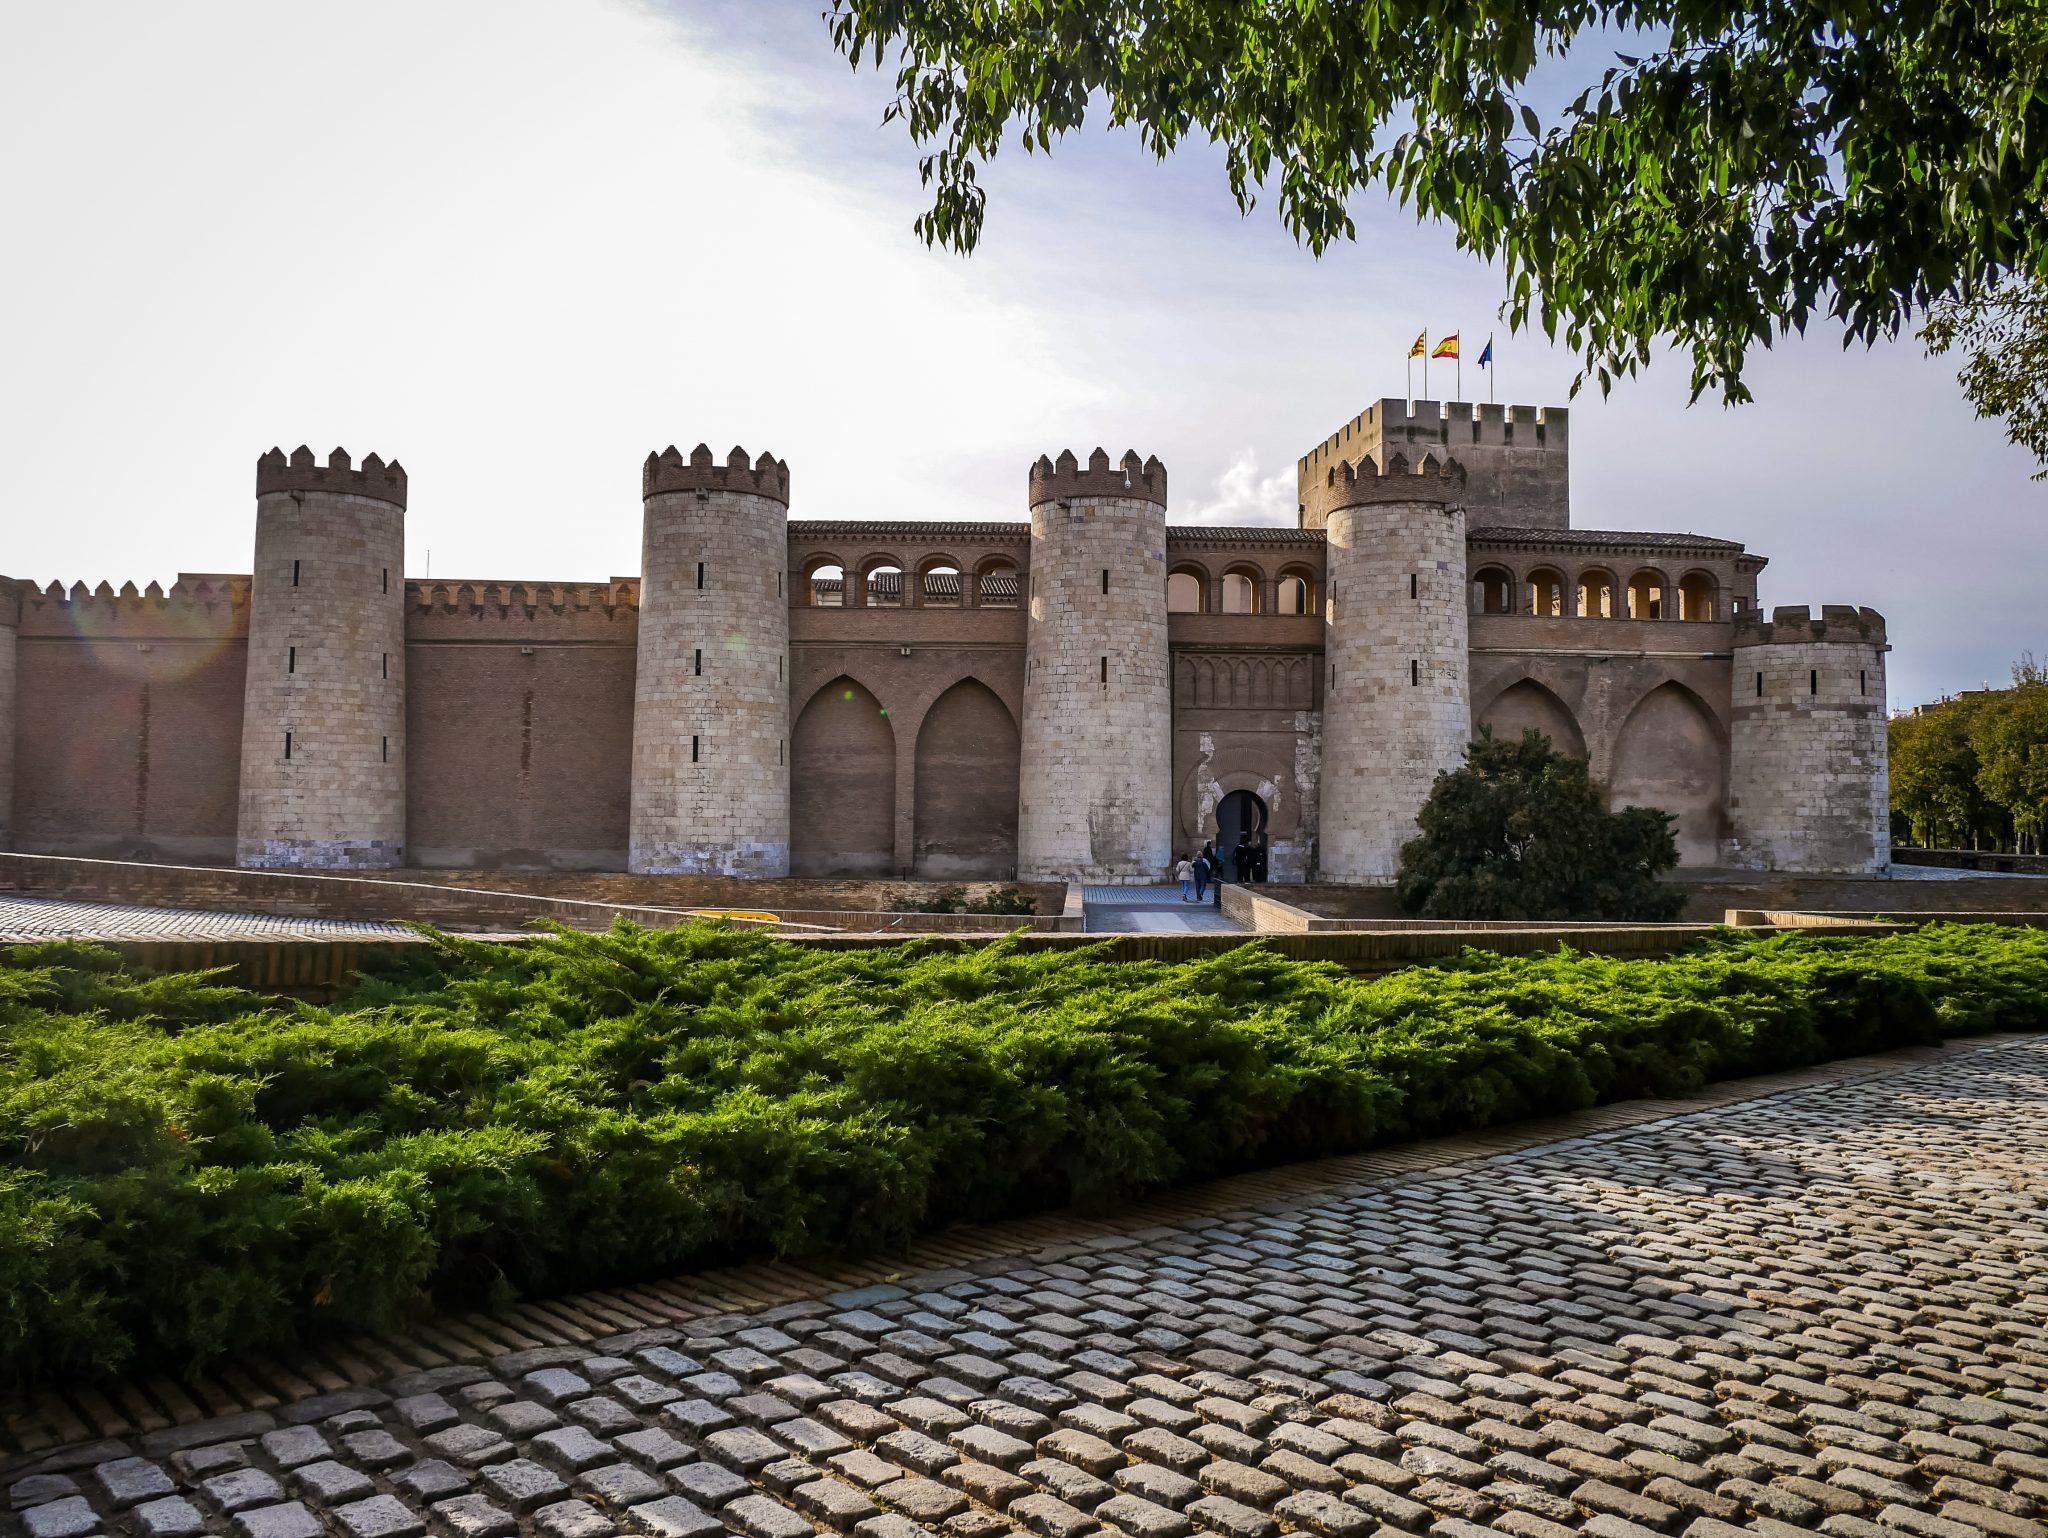 Die Geschichte des historischen Gebäudes der Aljafería geht bis in das 9. Jahrhundert zurück.